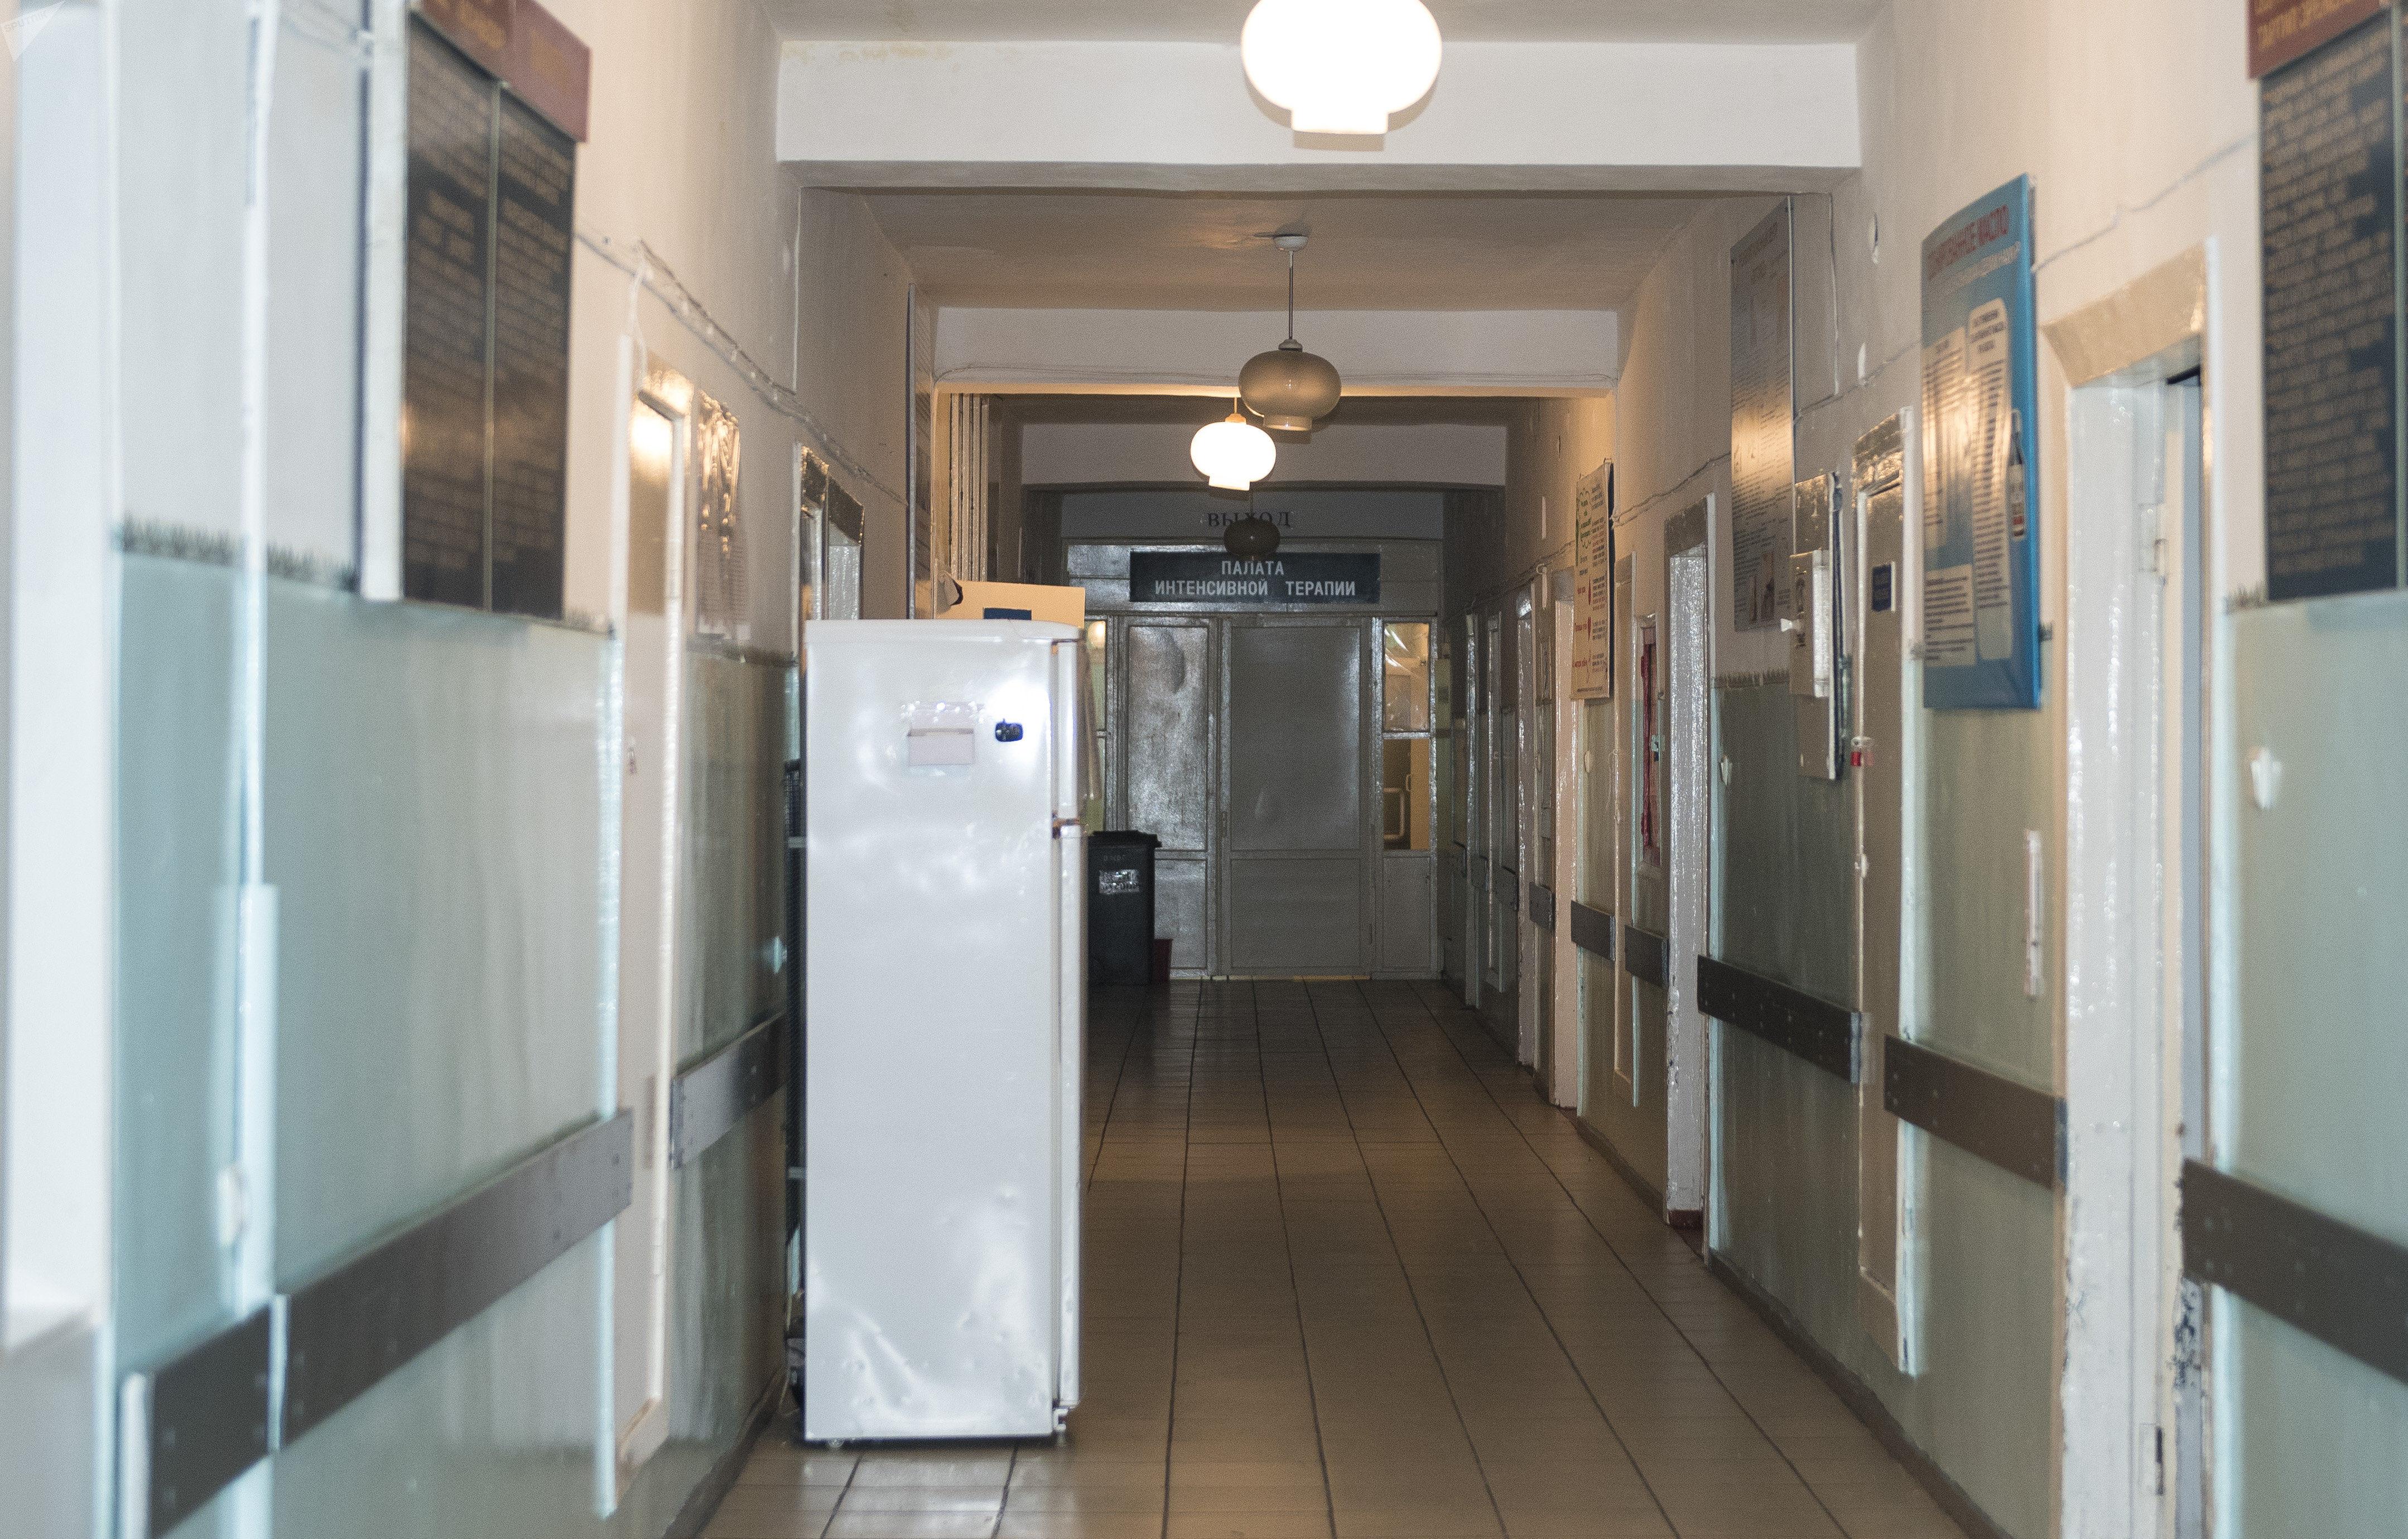 Коридор Бишкекского научно-исследовательского центра травматологии и ортопедии